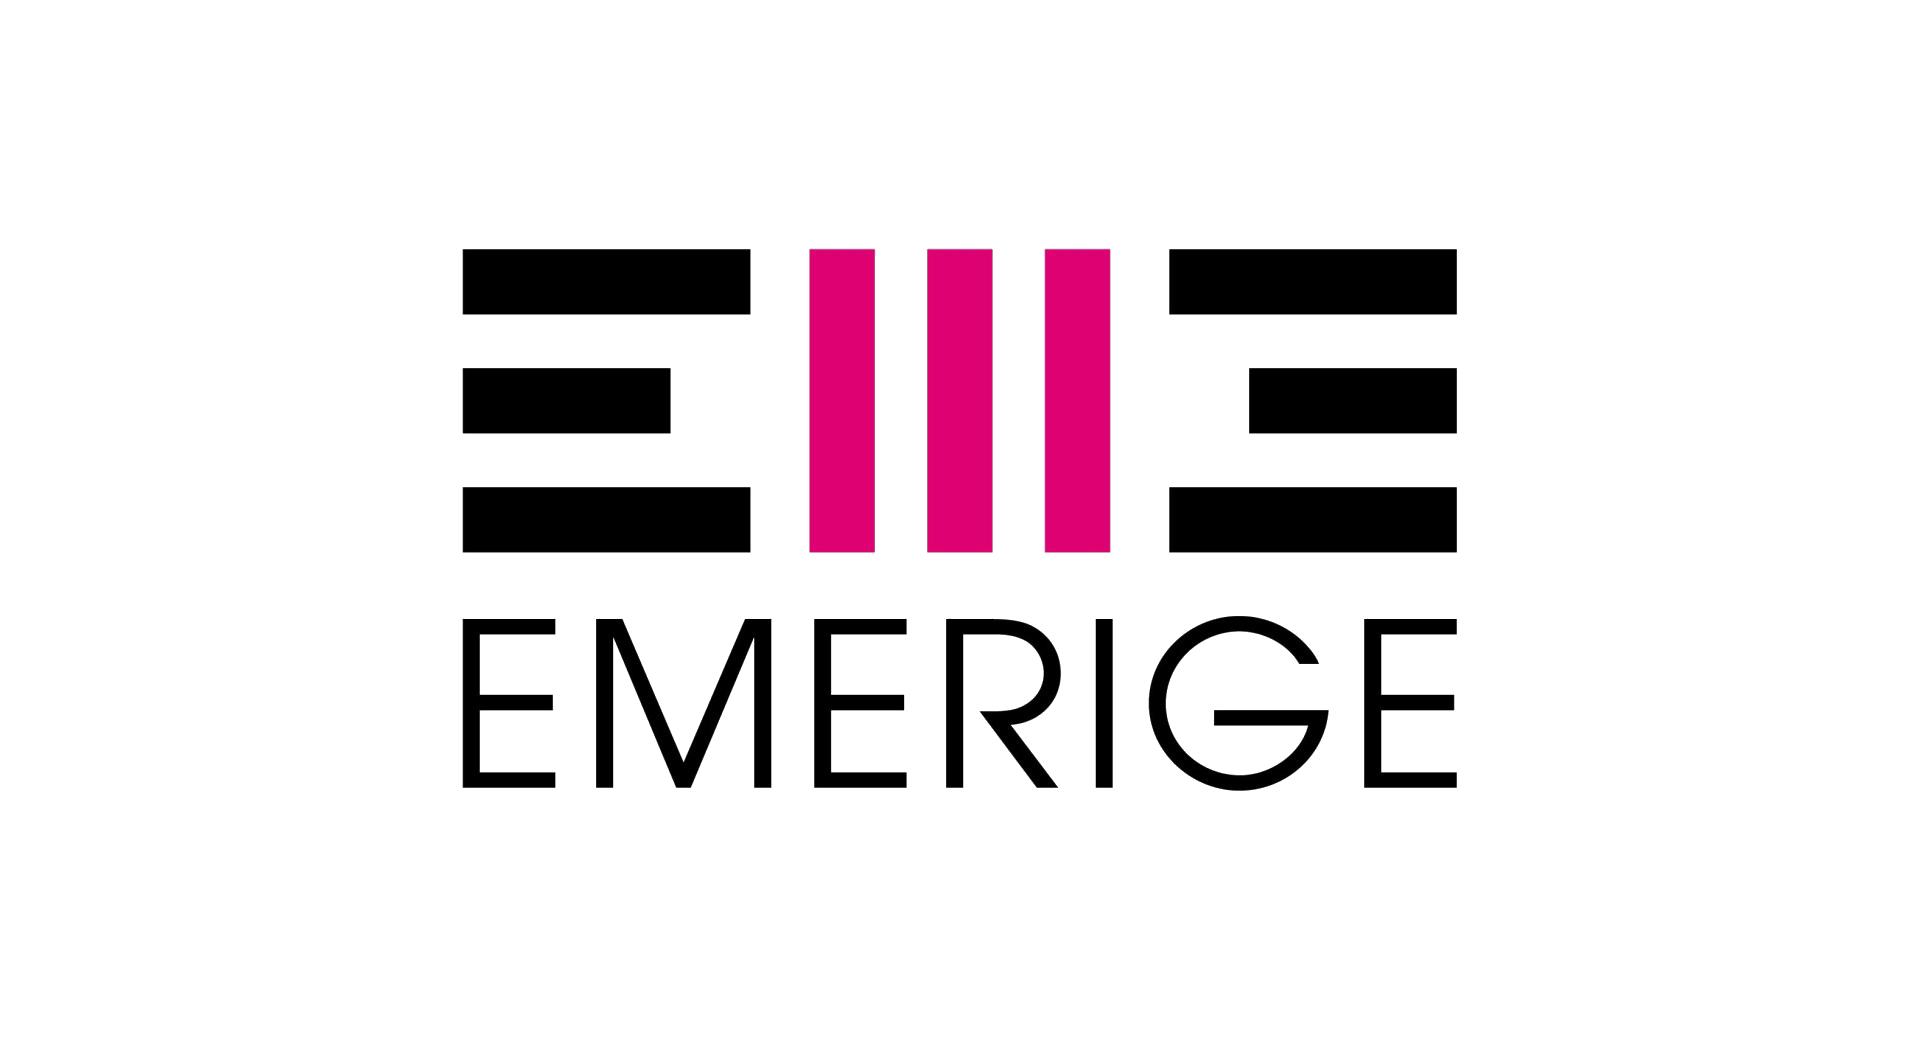 emerige-logo-png1786